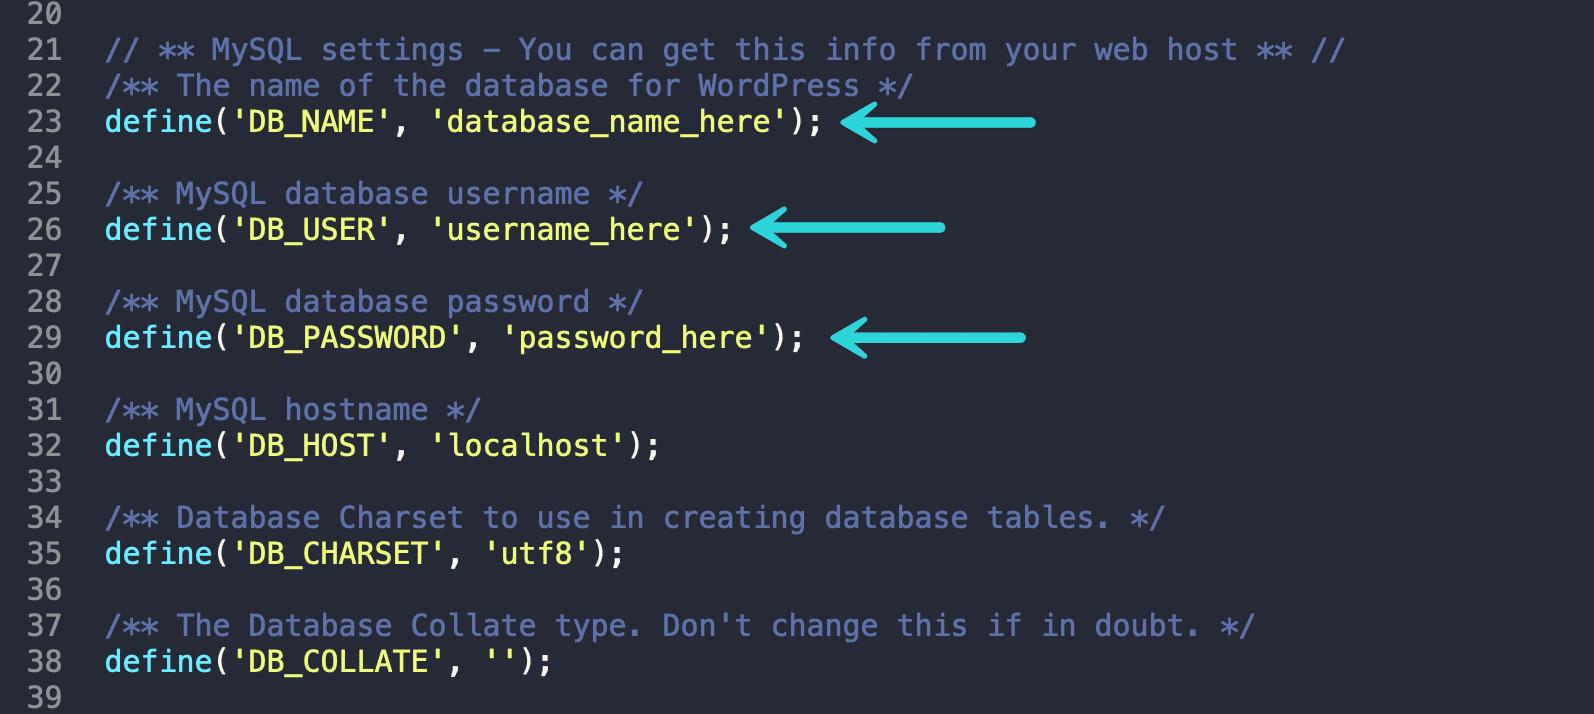 Configurações do MySQL em wp-config.php